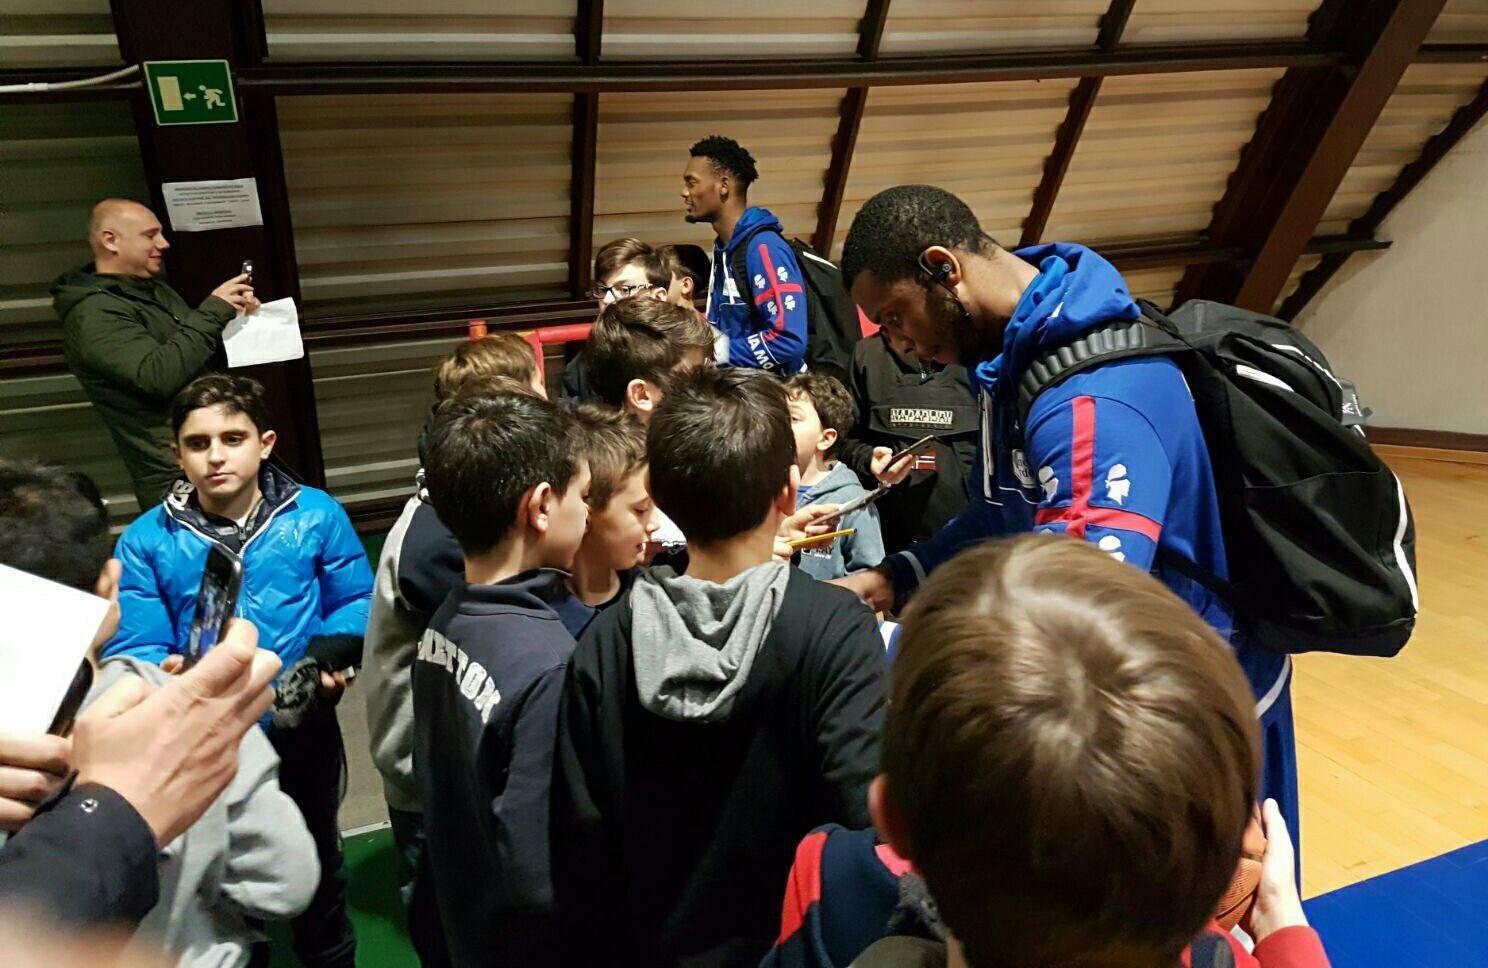 Varedo pallacanestro giocatori di Sassari